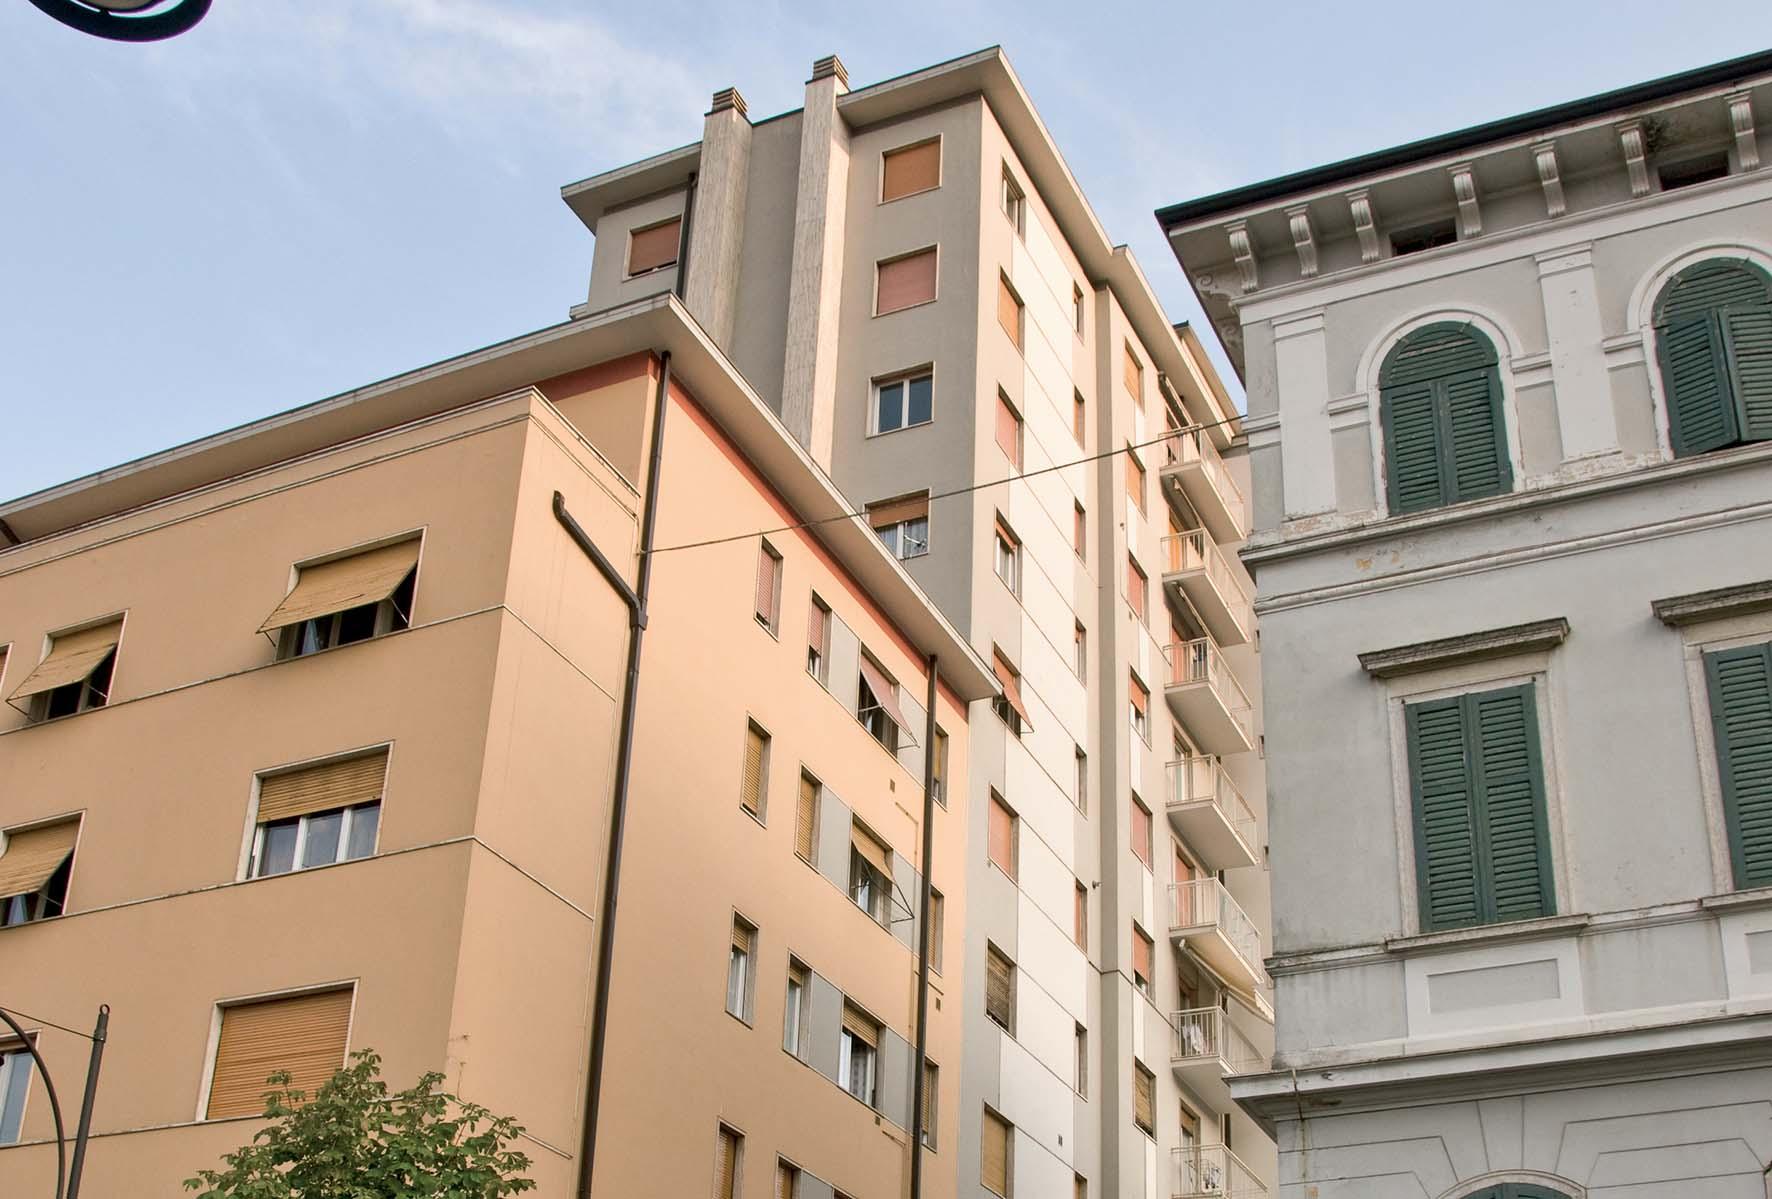 Rovereto zona stazione autocorriere corso rosmini palazzo condominio alto 11 piani